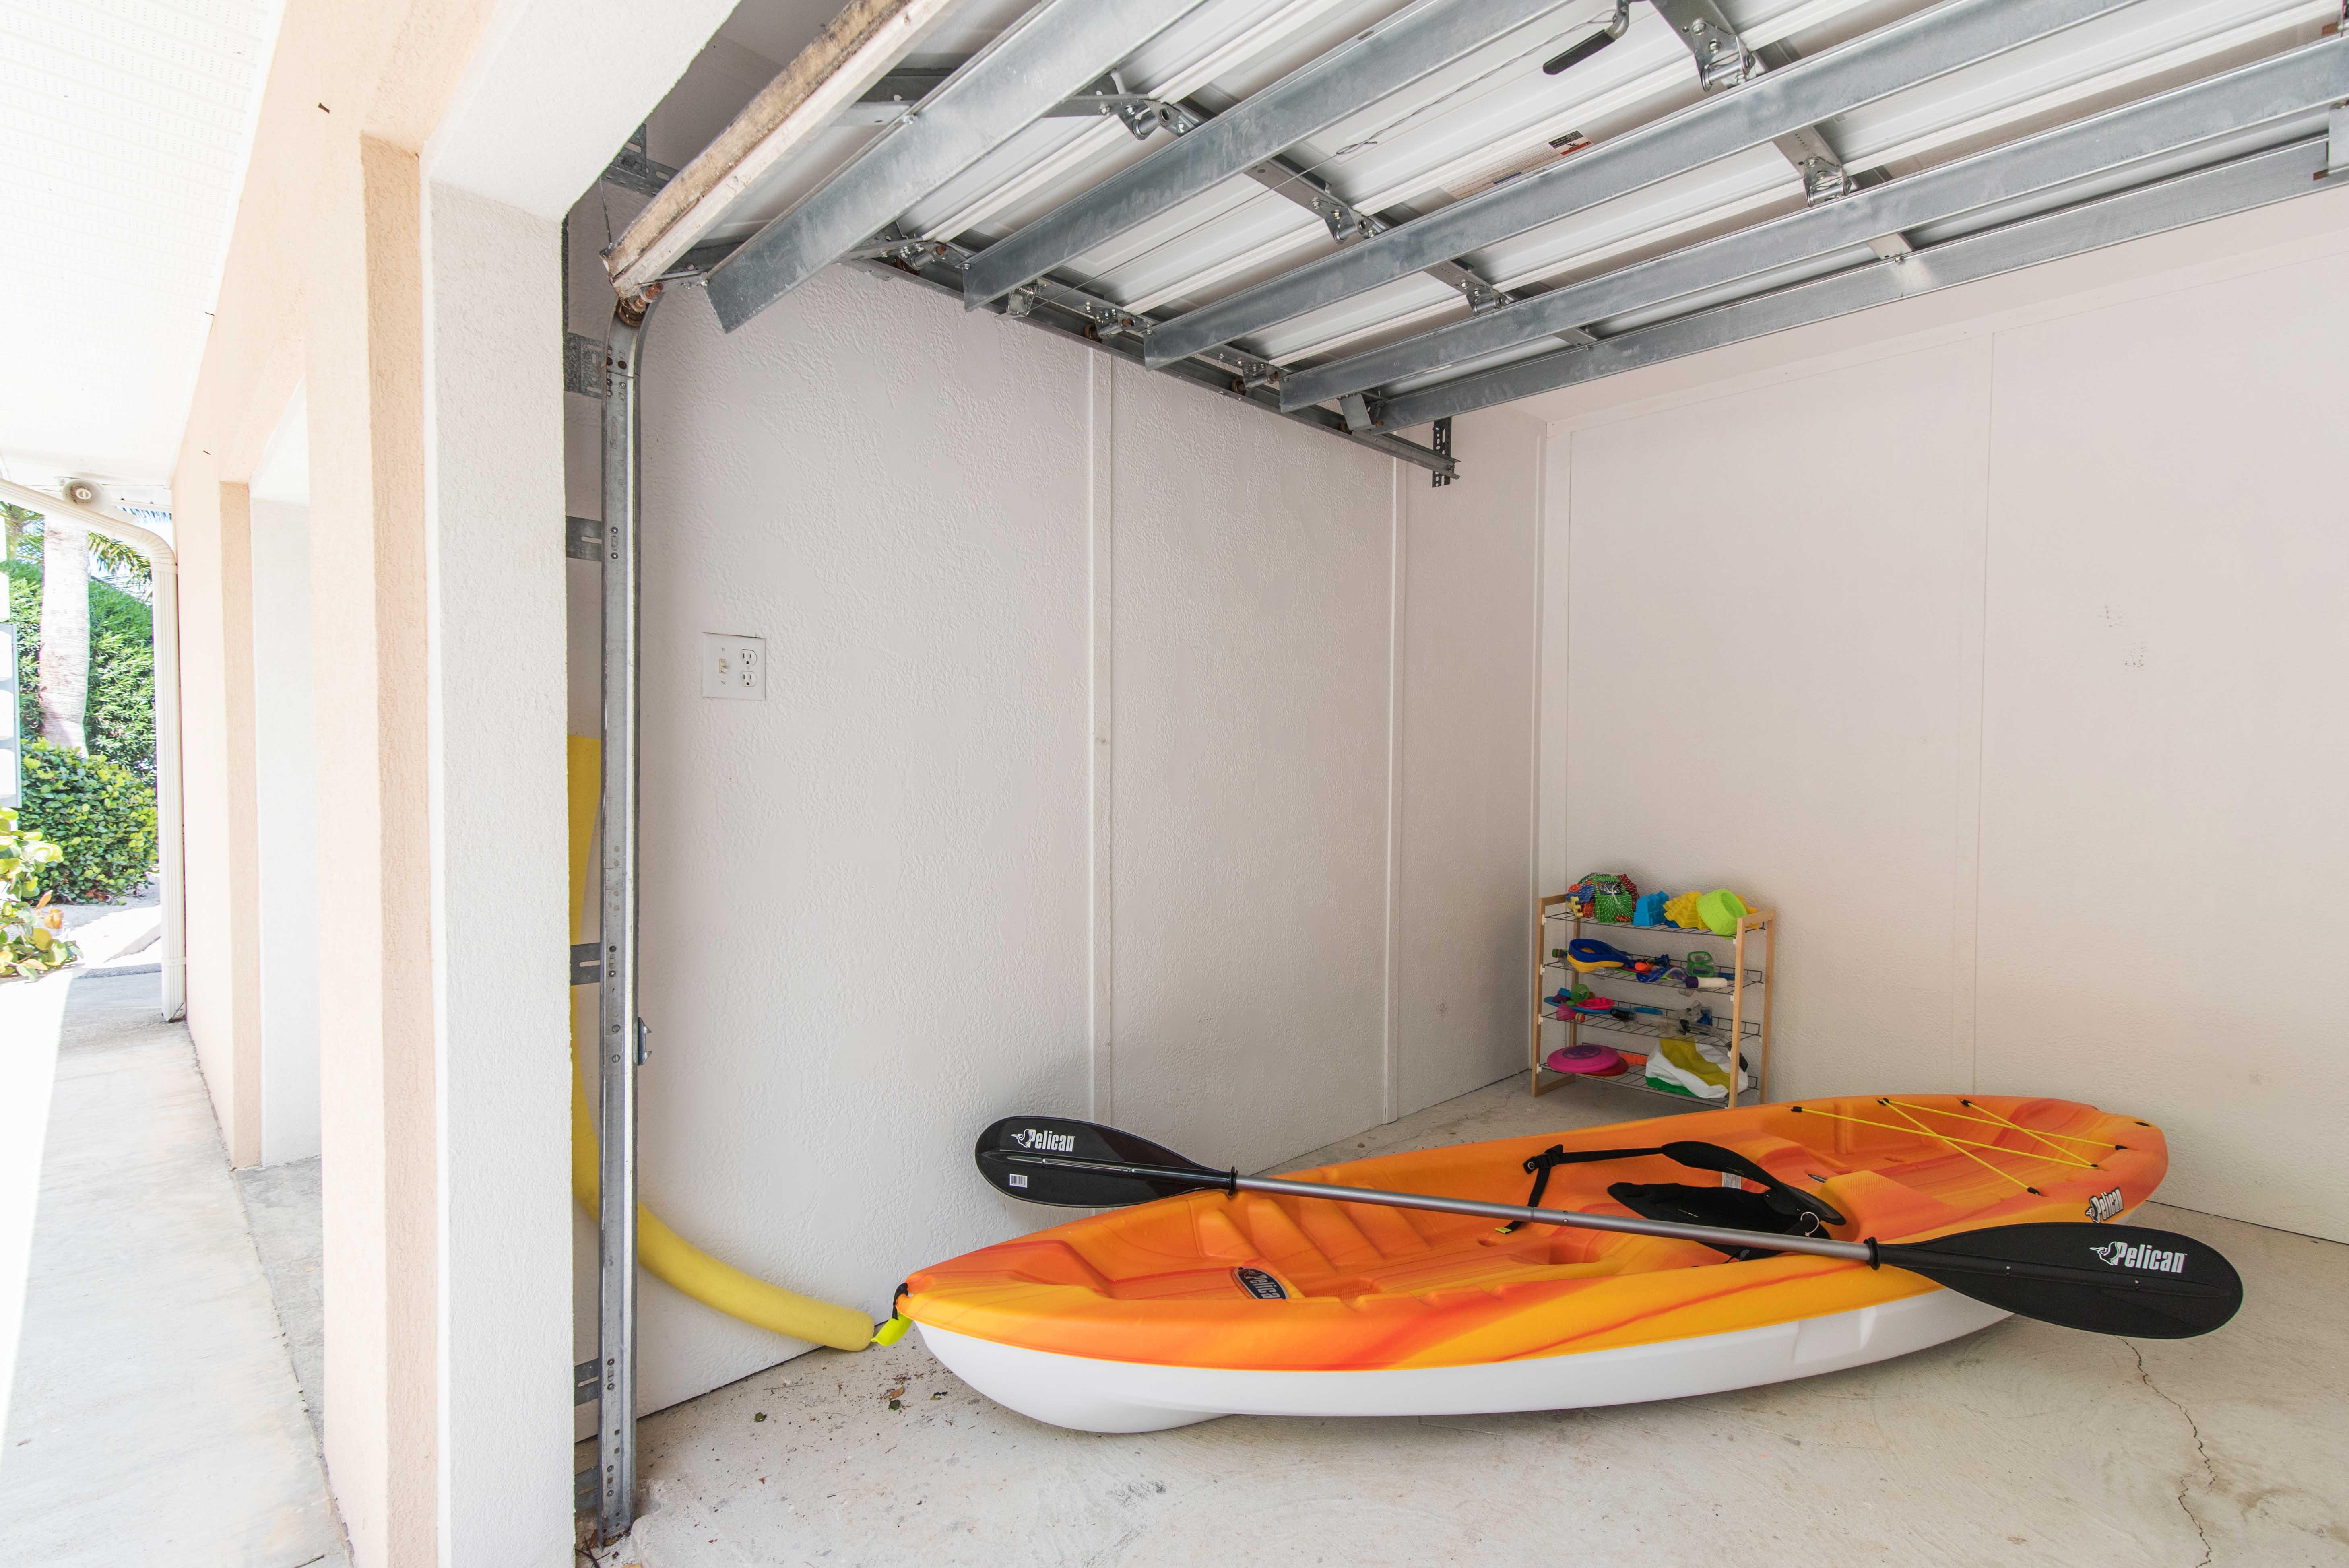 Tropical Kai Kayak